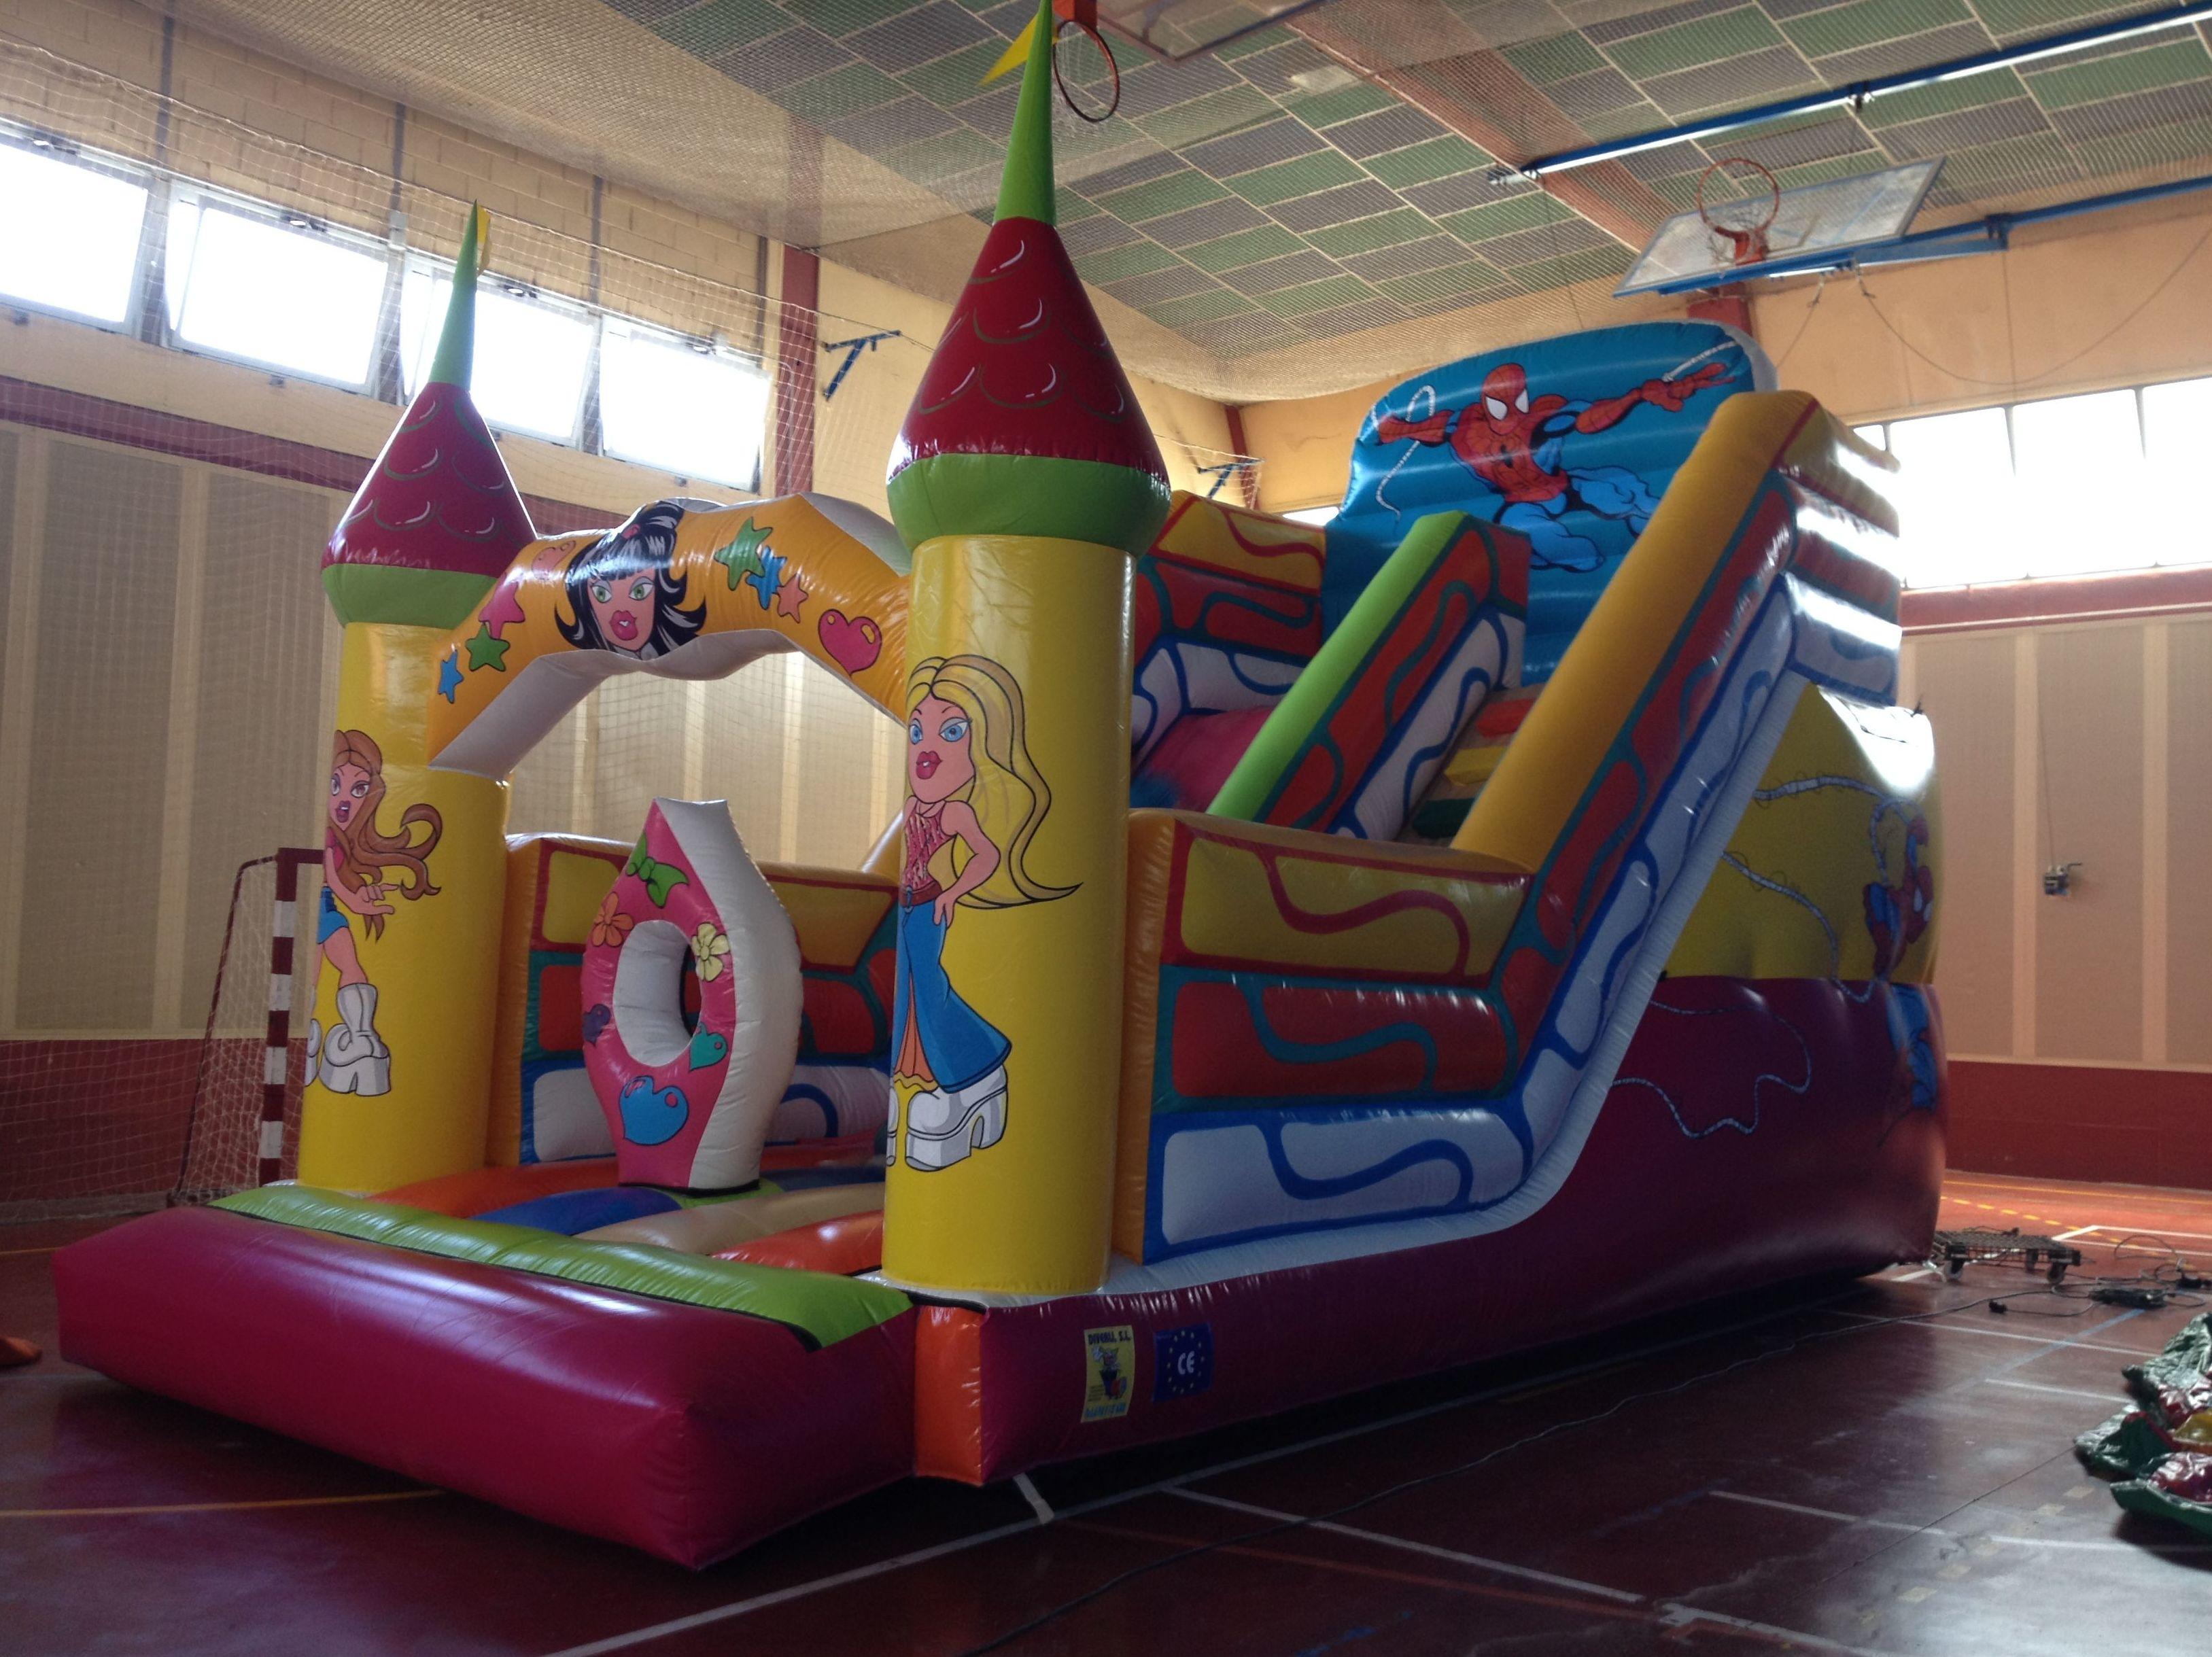 Foto 14 de Discotecas móviles en Huesca | Sonido Discomóvil 54